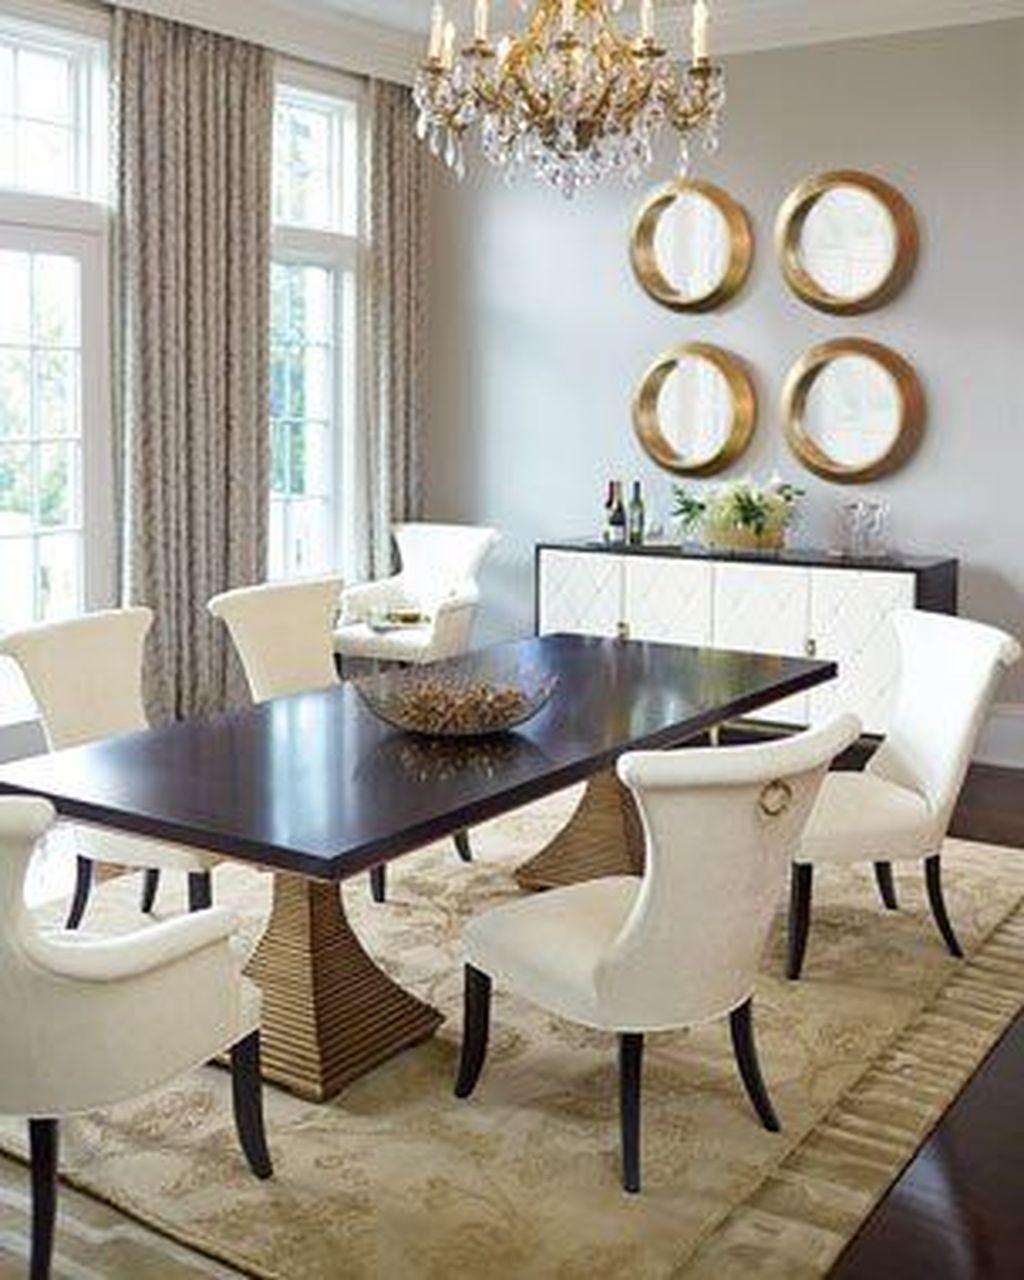 Inspiring Dining Room Buffet Decor Ideas 19